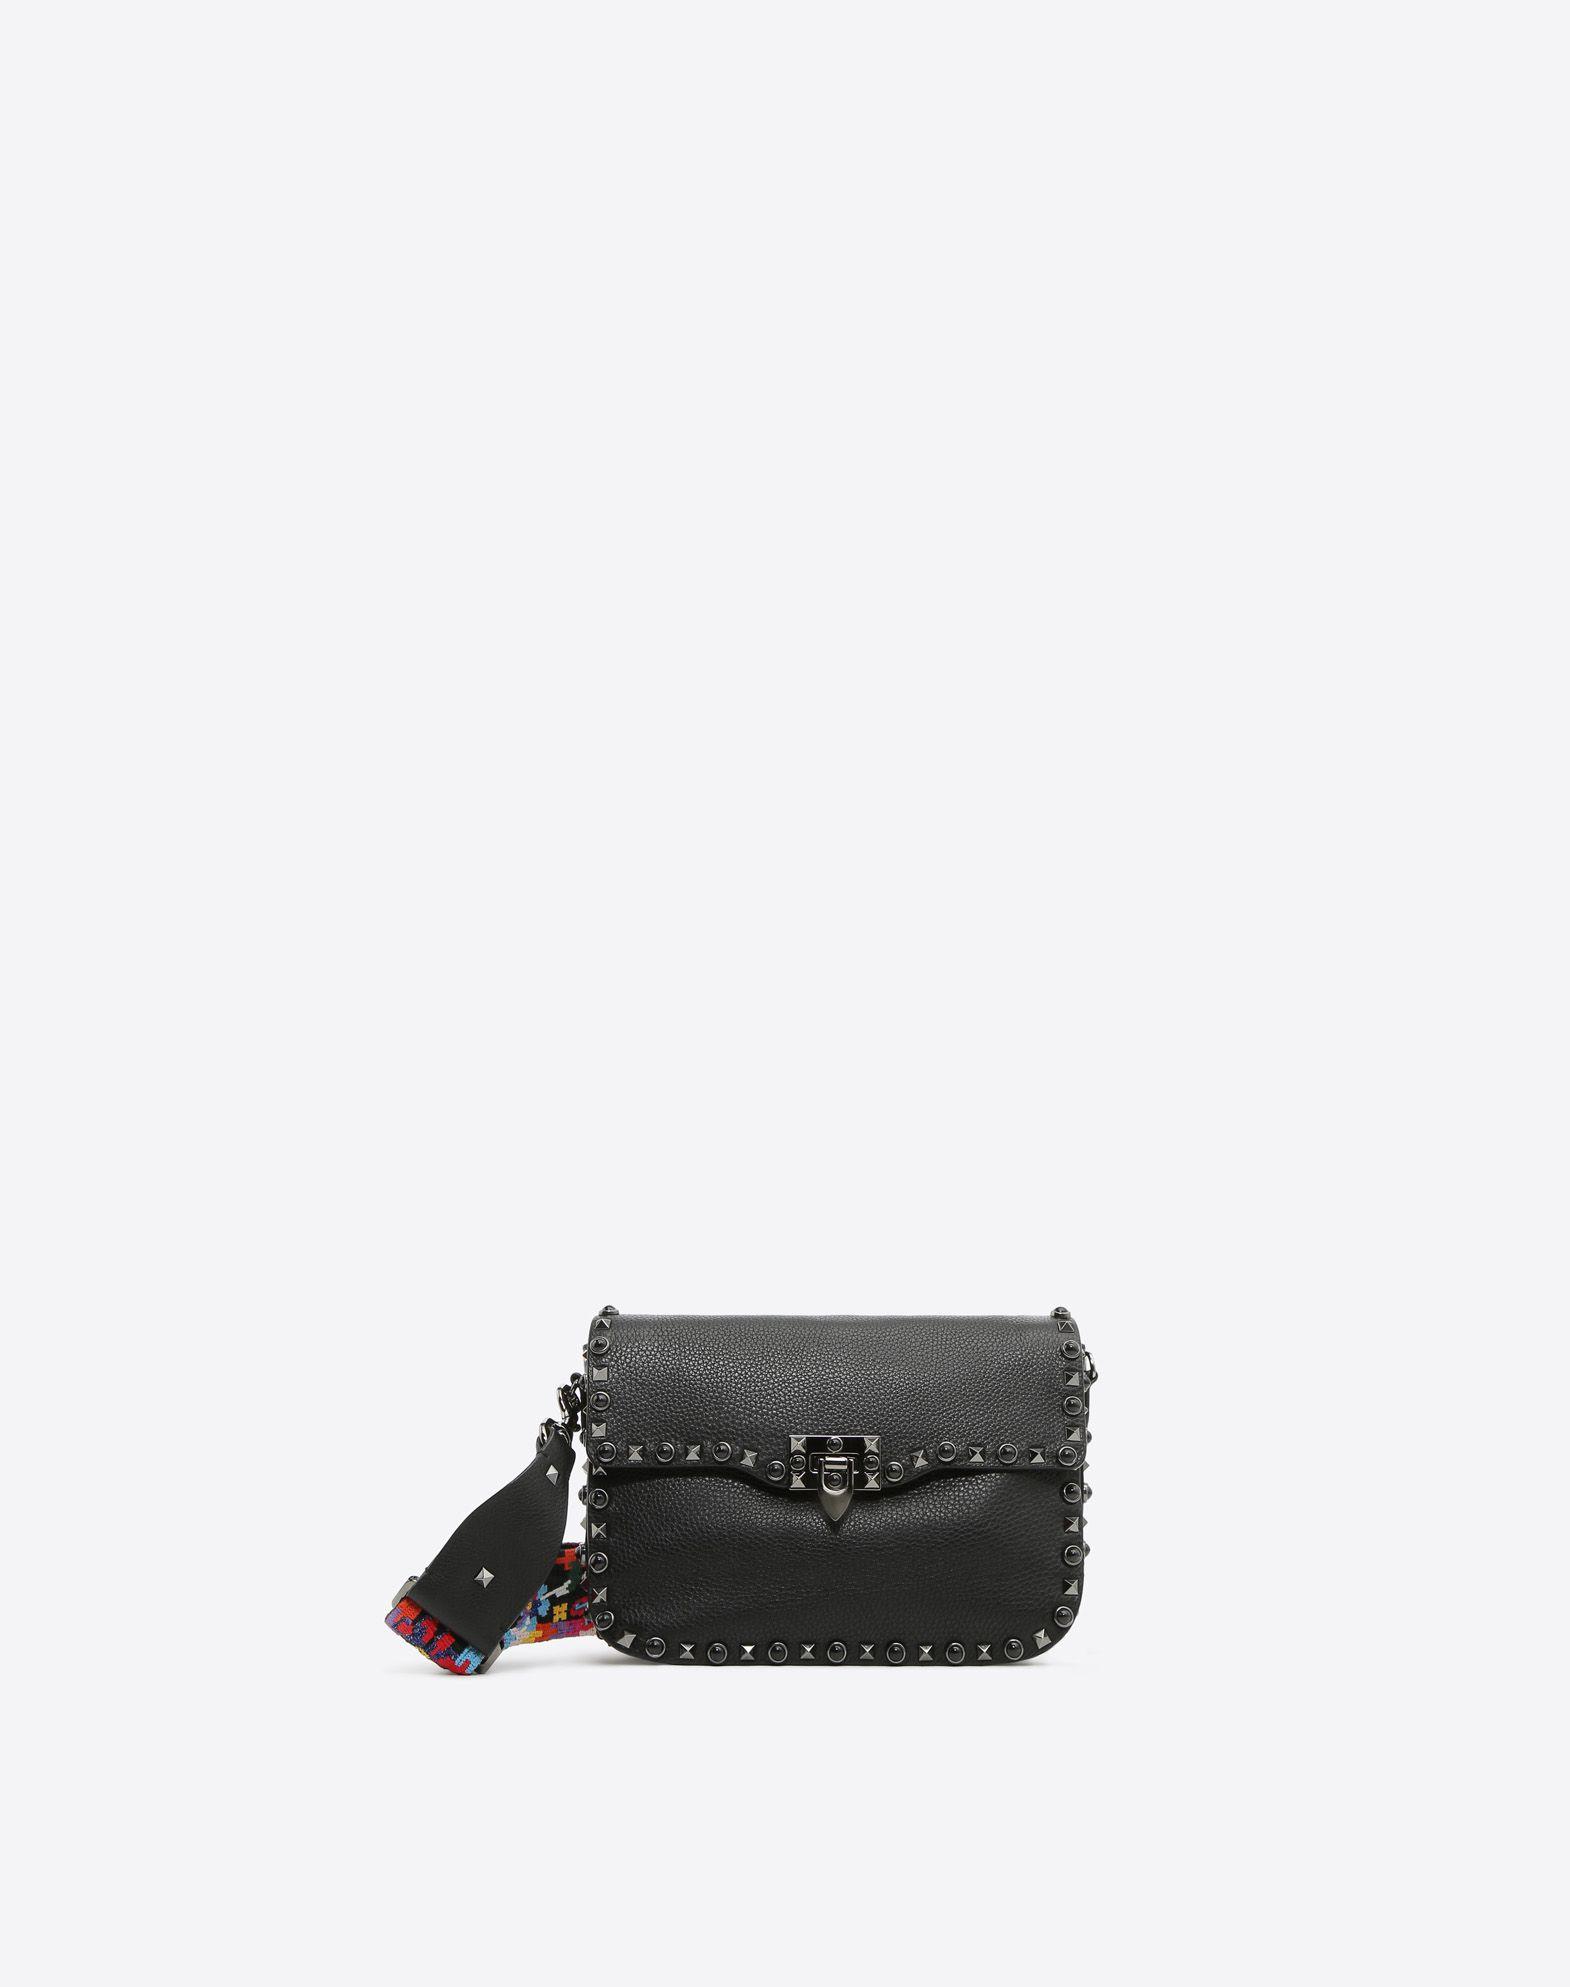 VALENTINO Studded Textured leather Logo Solid color Framed closure Internal zip pocket Removable shoulder strap  45390702an